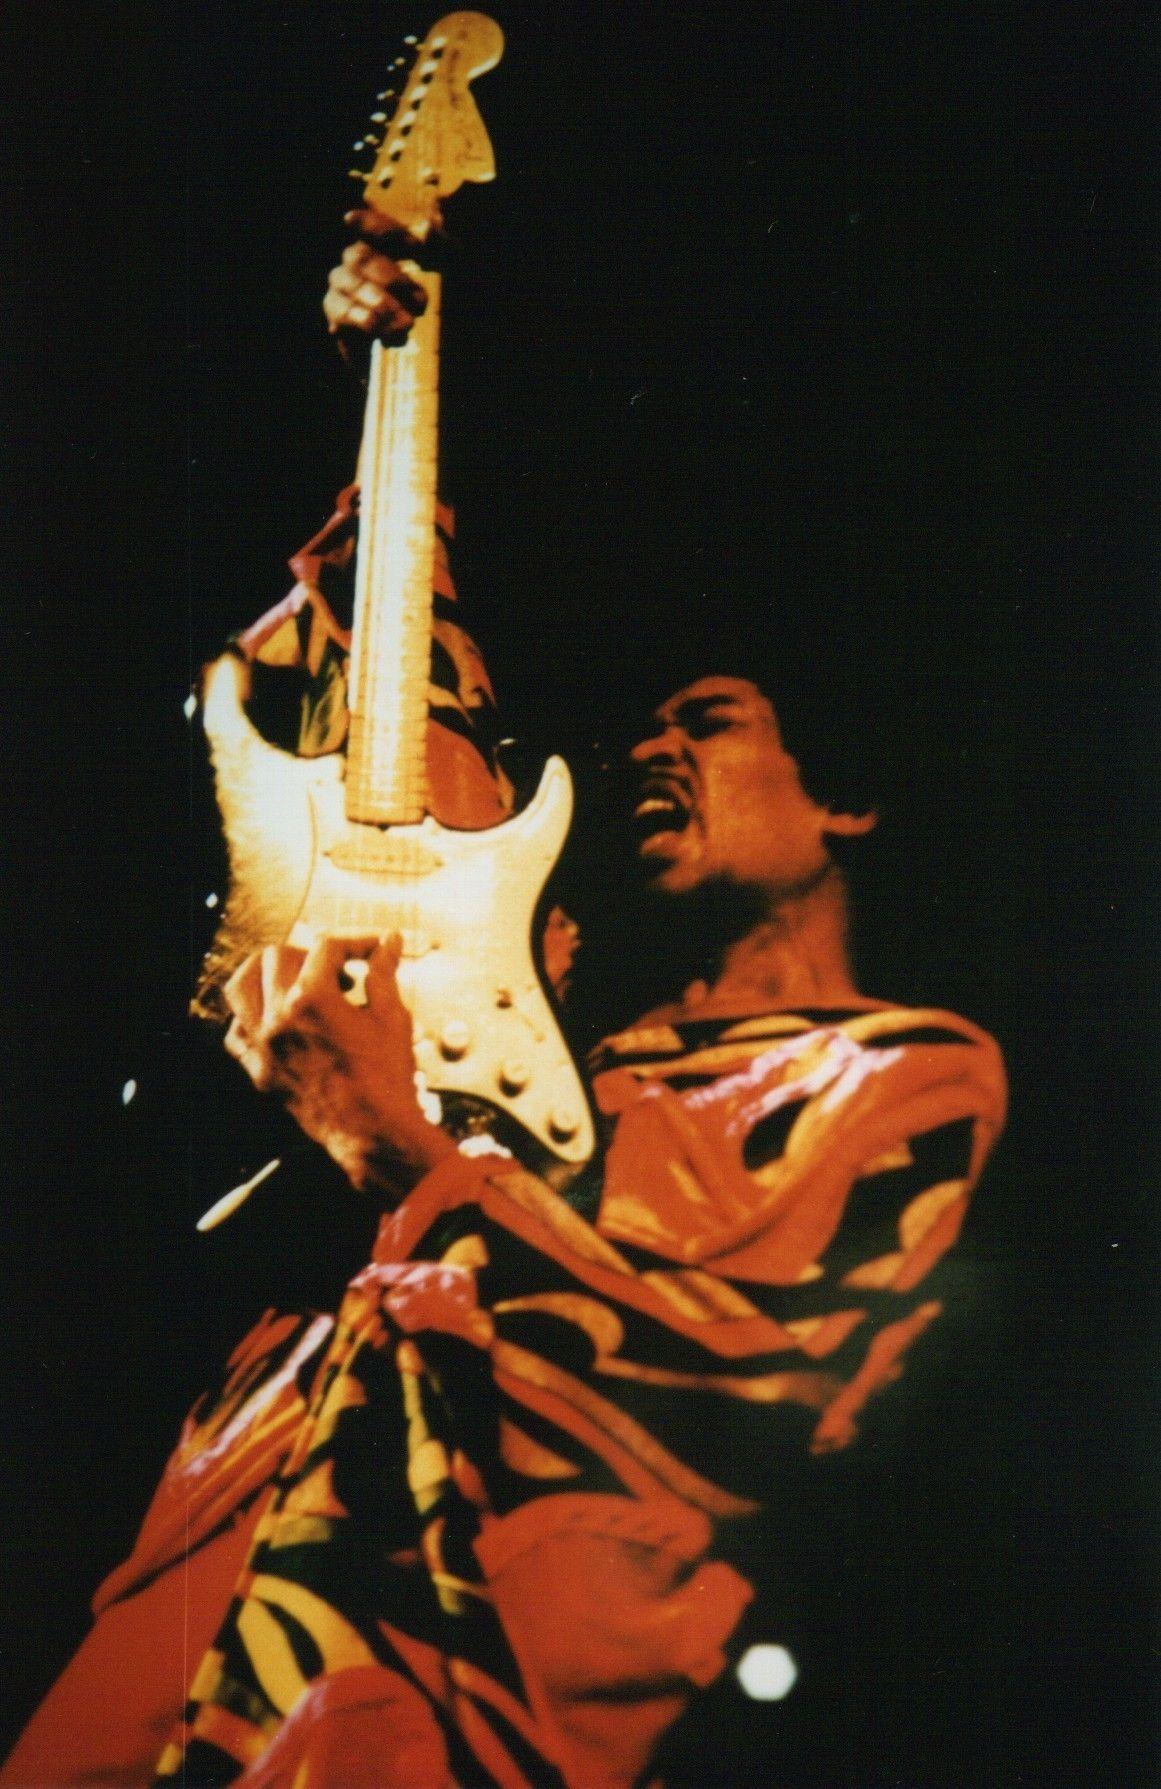 Boston, Massachusetts 1970-06-27